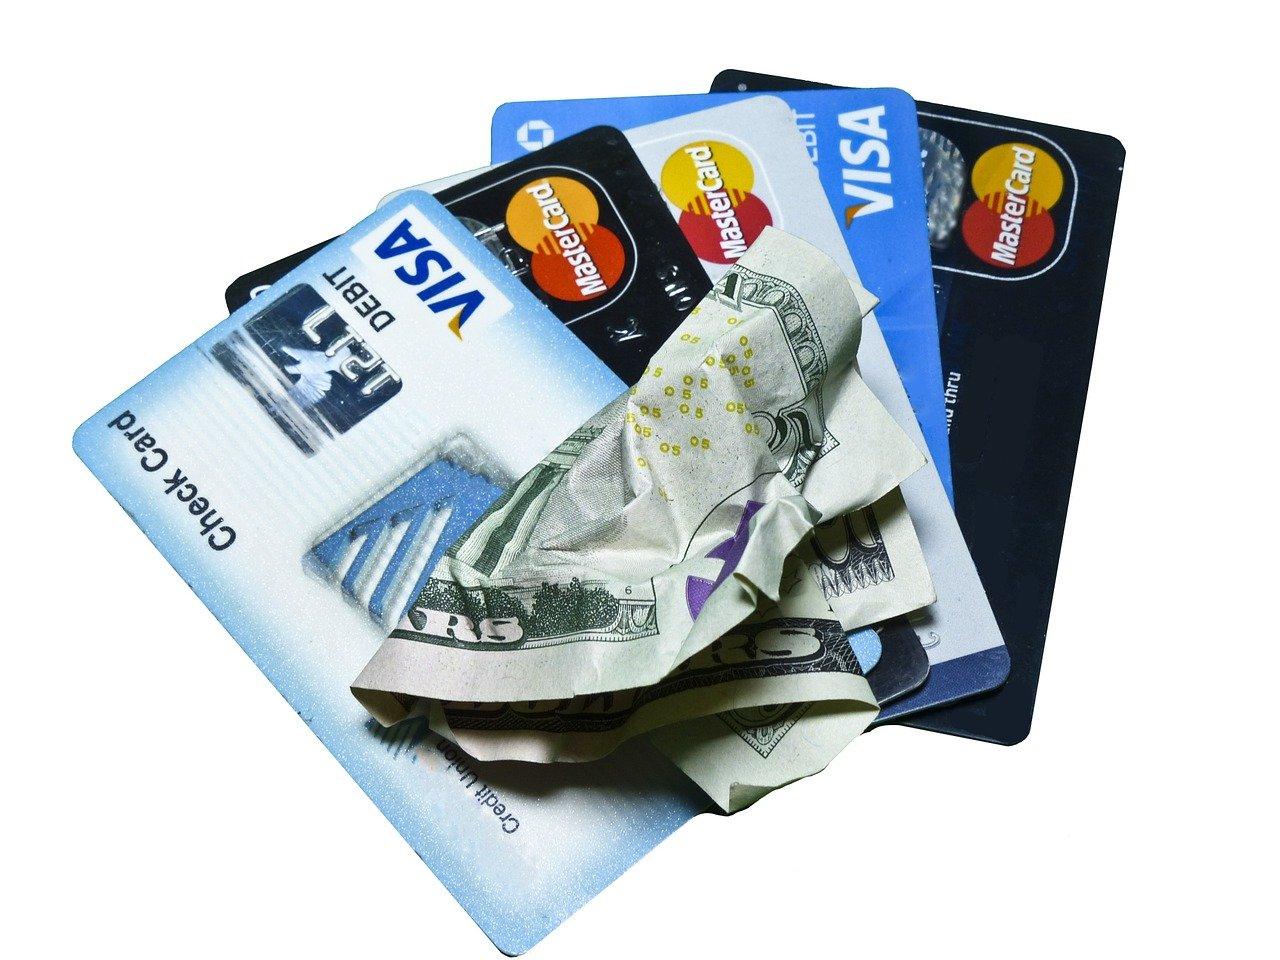 10 ошибок с кредитами, которые могут превратить вашу жизнь в кошмар